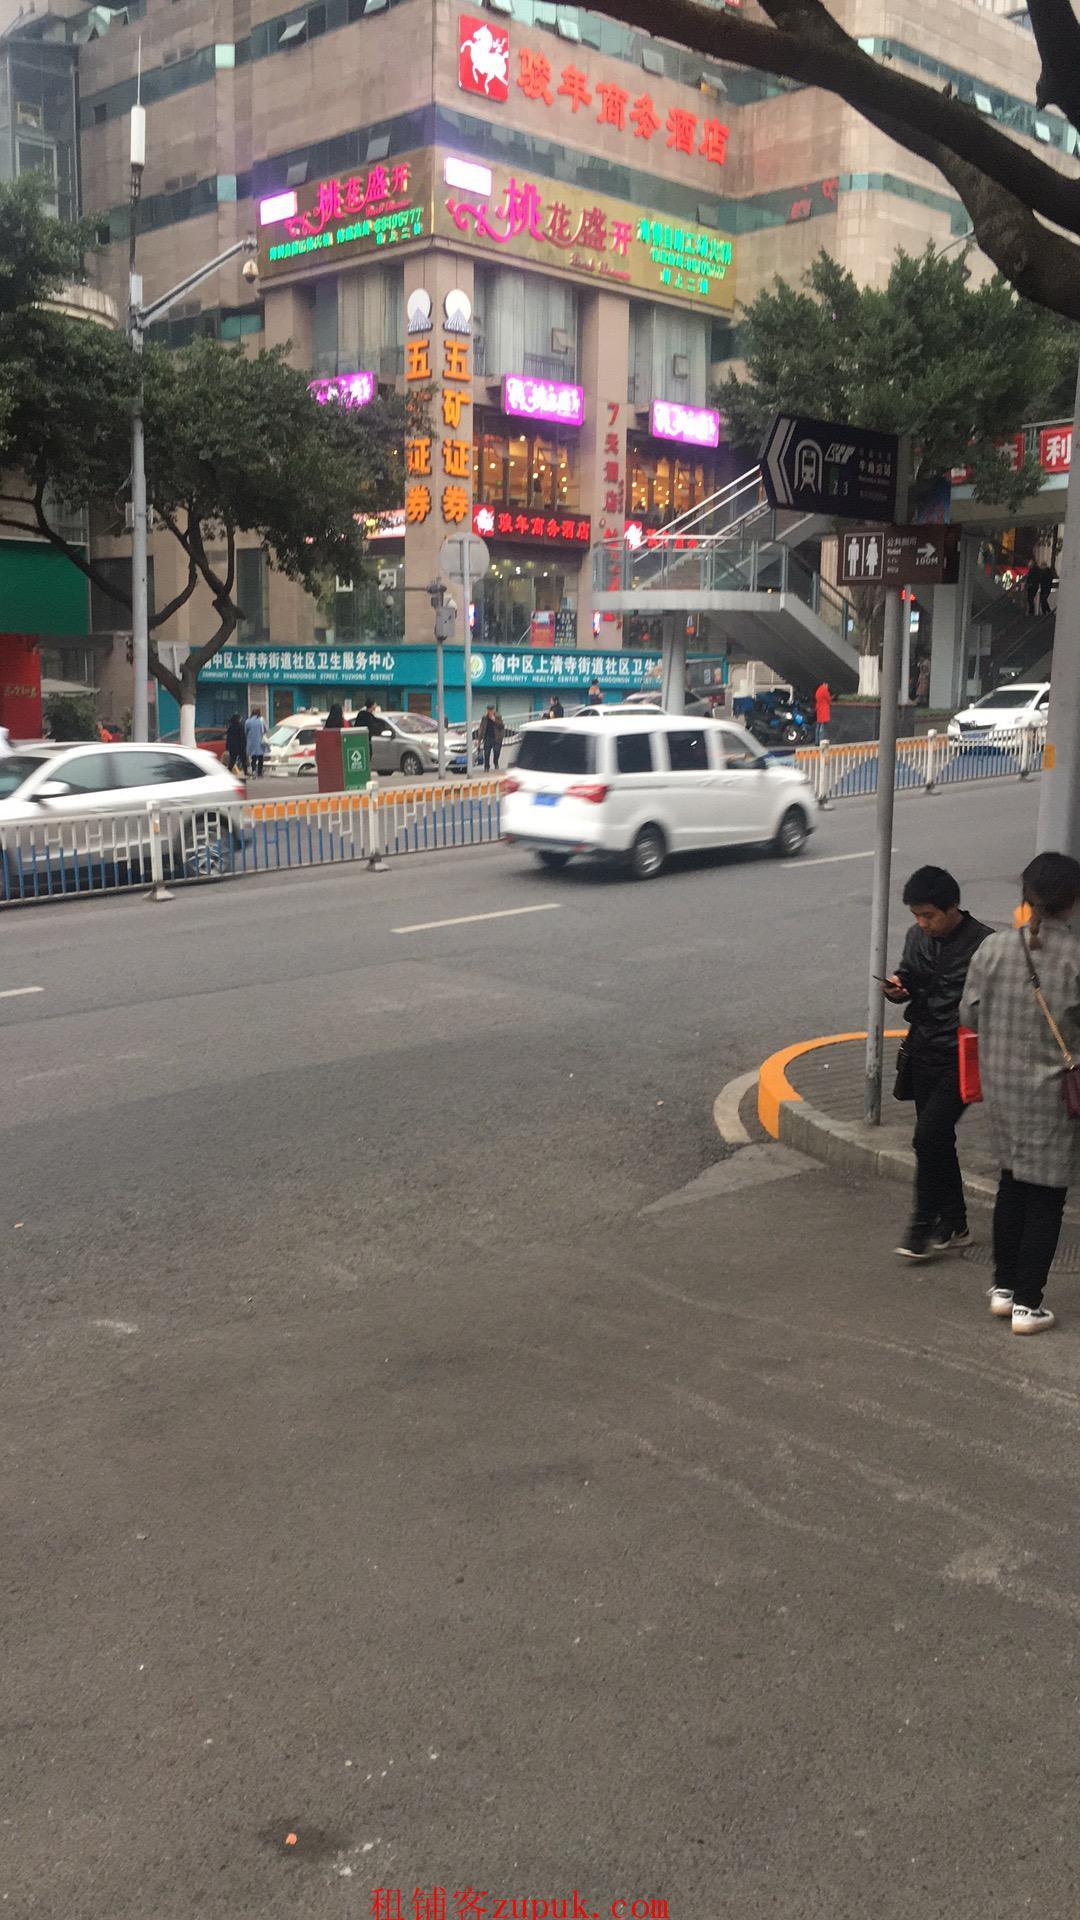 渝中上清寺公交车站旁经营中宾馆